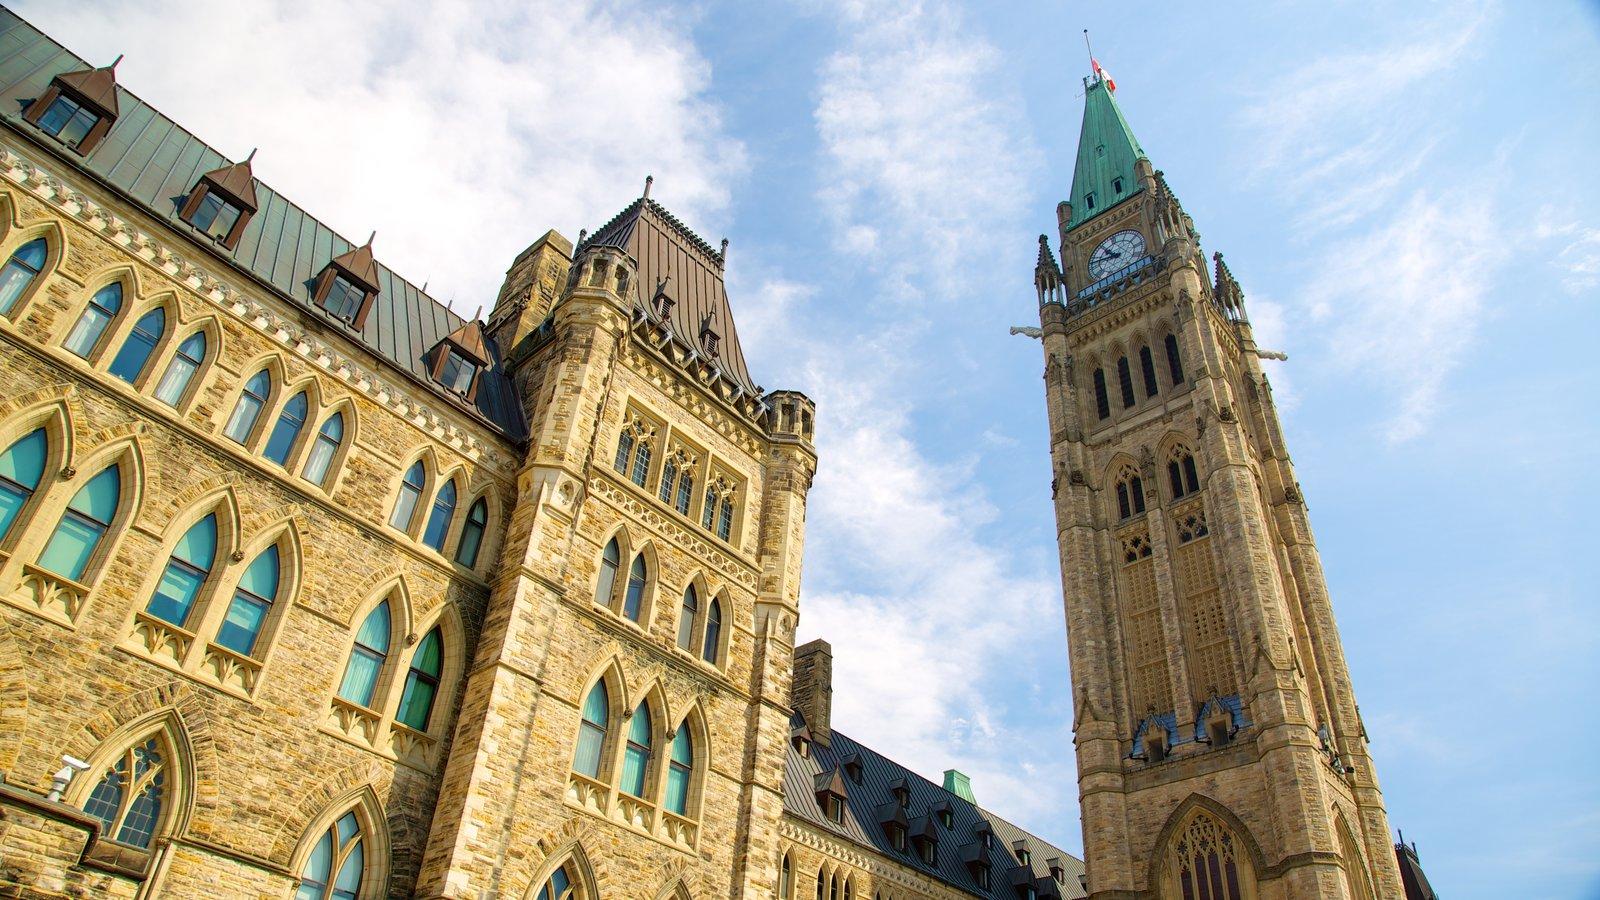 Parliament Hill caracterizando um edifício administrativo e arquitetura de patrimônio